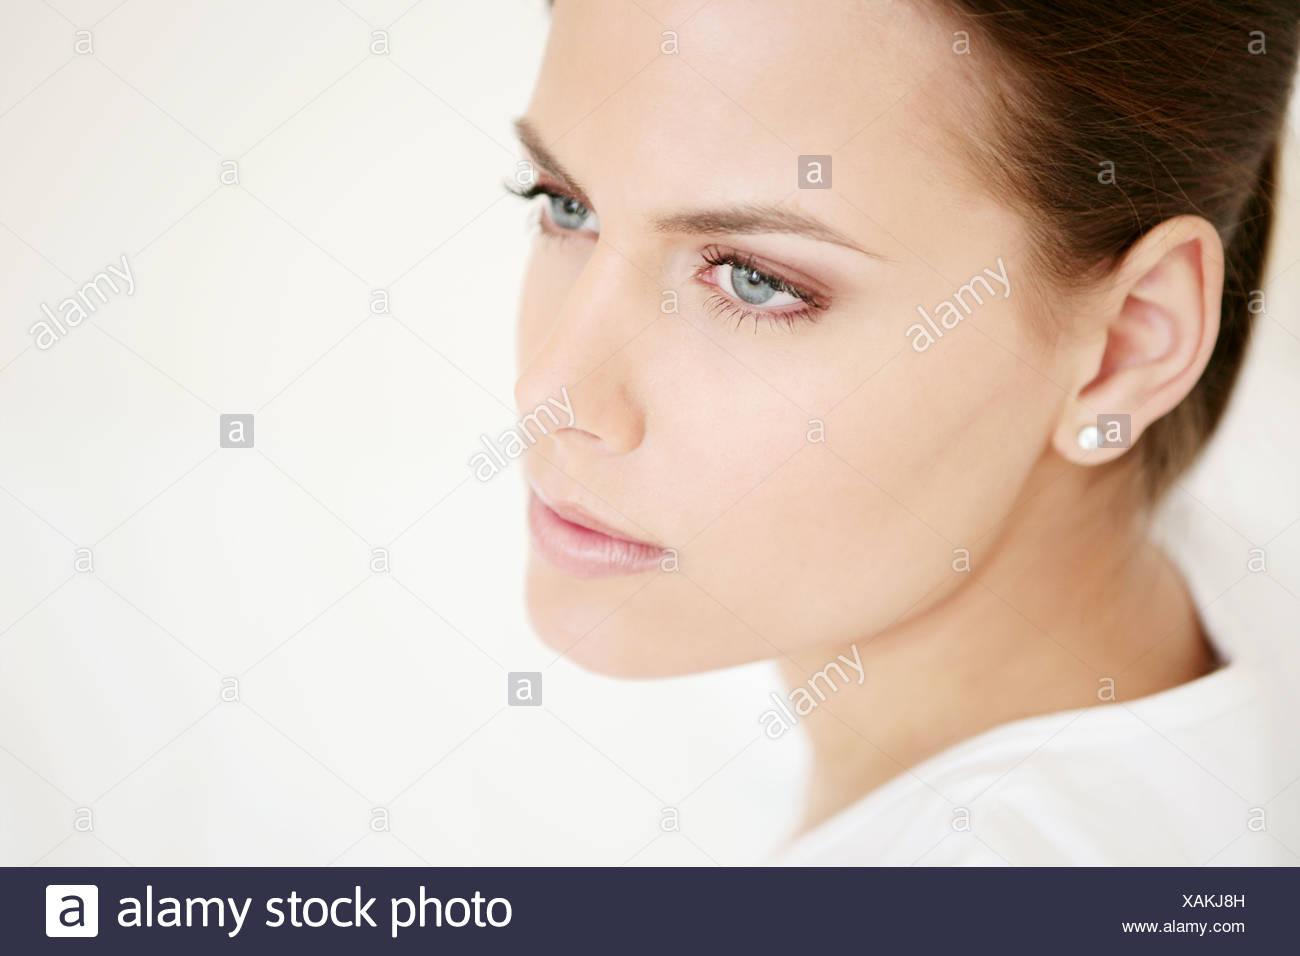 Visage, jeune, femme, vitalité, frais, composent, modèle, adulte, femme, tête, beauté, 20-25 ans, 18-19 ans, belle, bien-être, Photo Stock